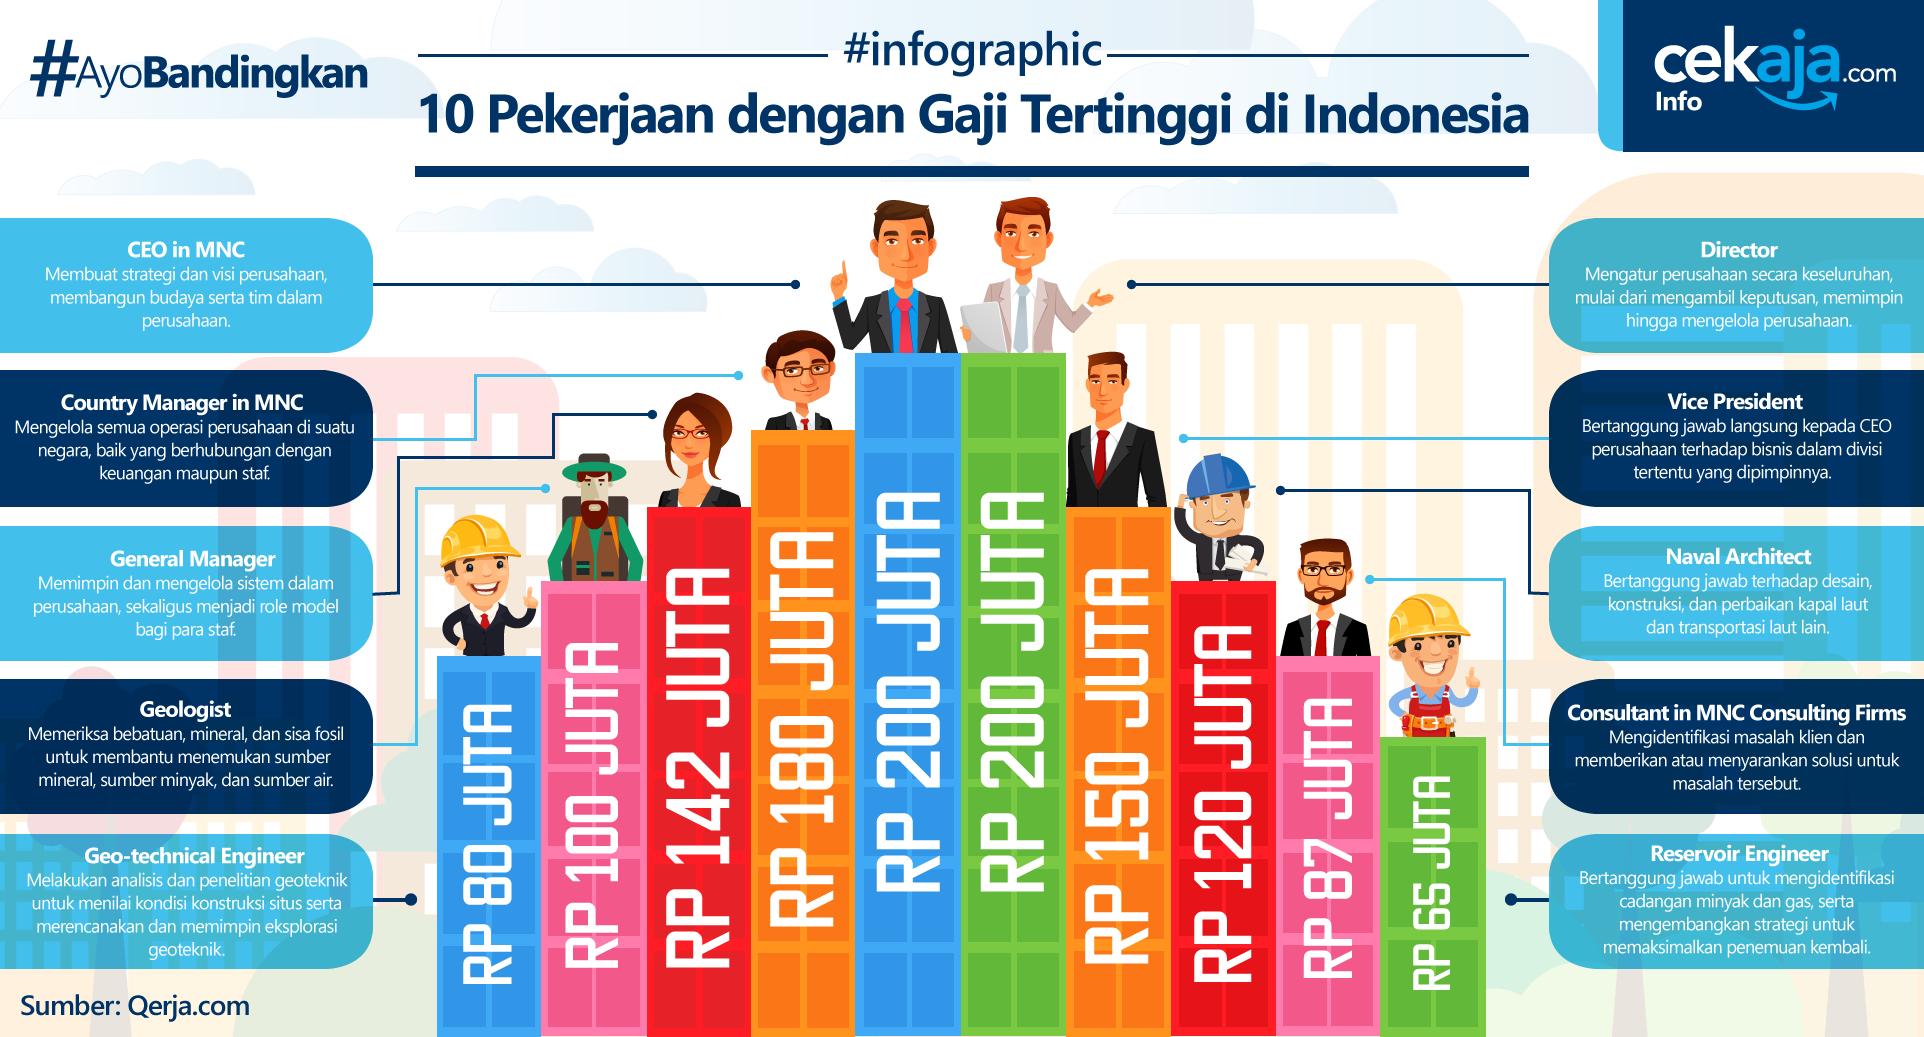 INFOGRAFIS-10-PEKERJAAN-DENGAN-GAJI-TERTINGGI-DI-INDONESIA_REV_1